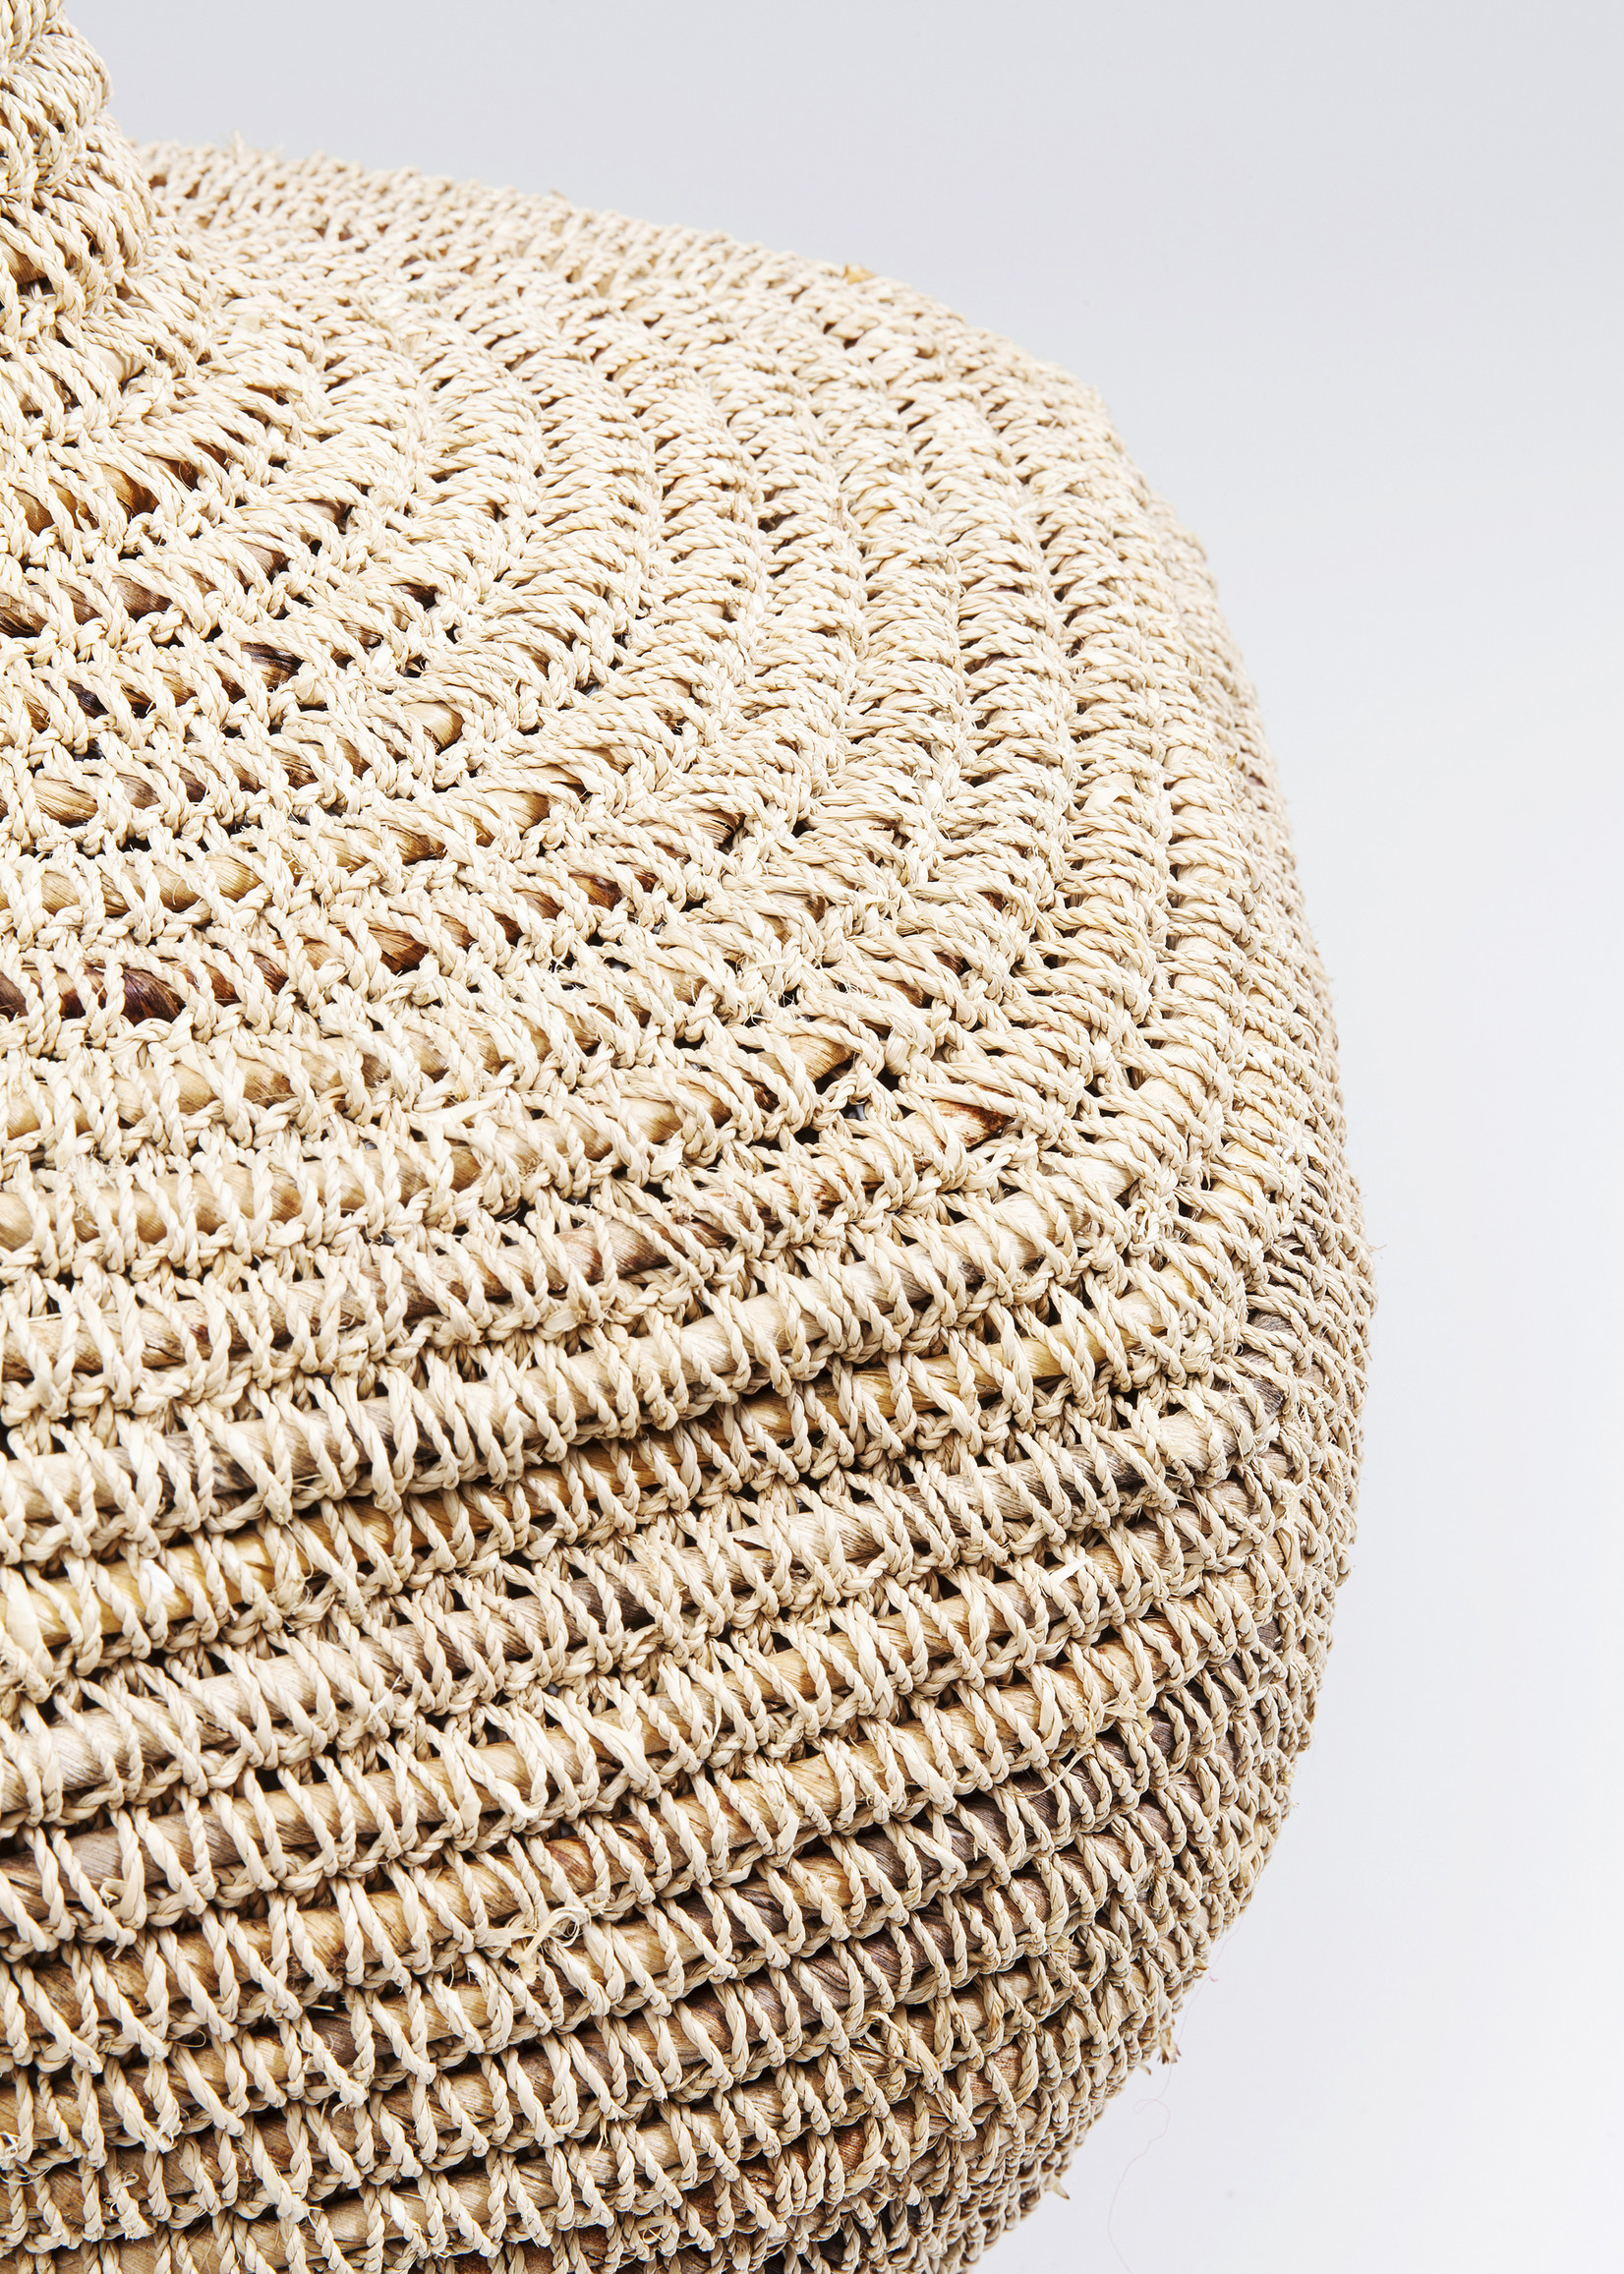 KARE DESIGN Basket Village Tulip Ø40cm